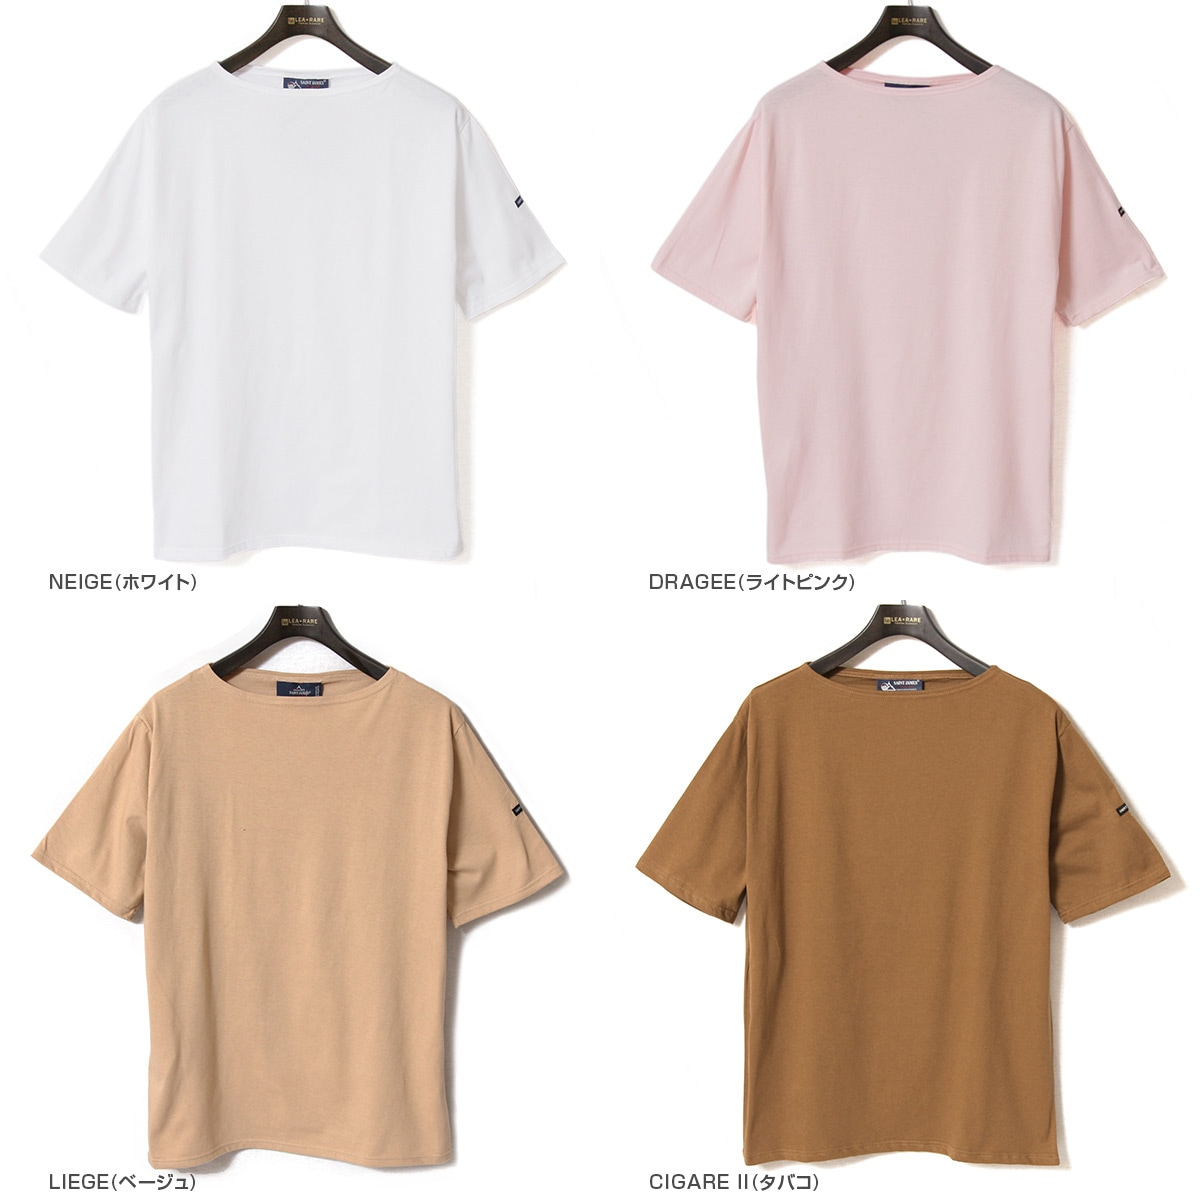 セントジェームス ピリアック SAINTJAMES PIRIAC 半袖Tシャツ 【レディース&メンズ】